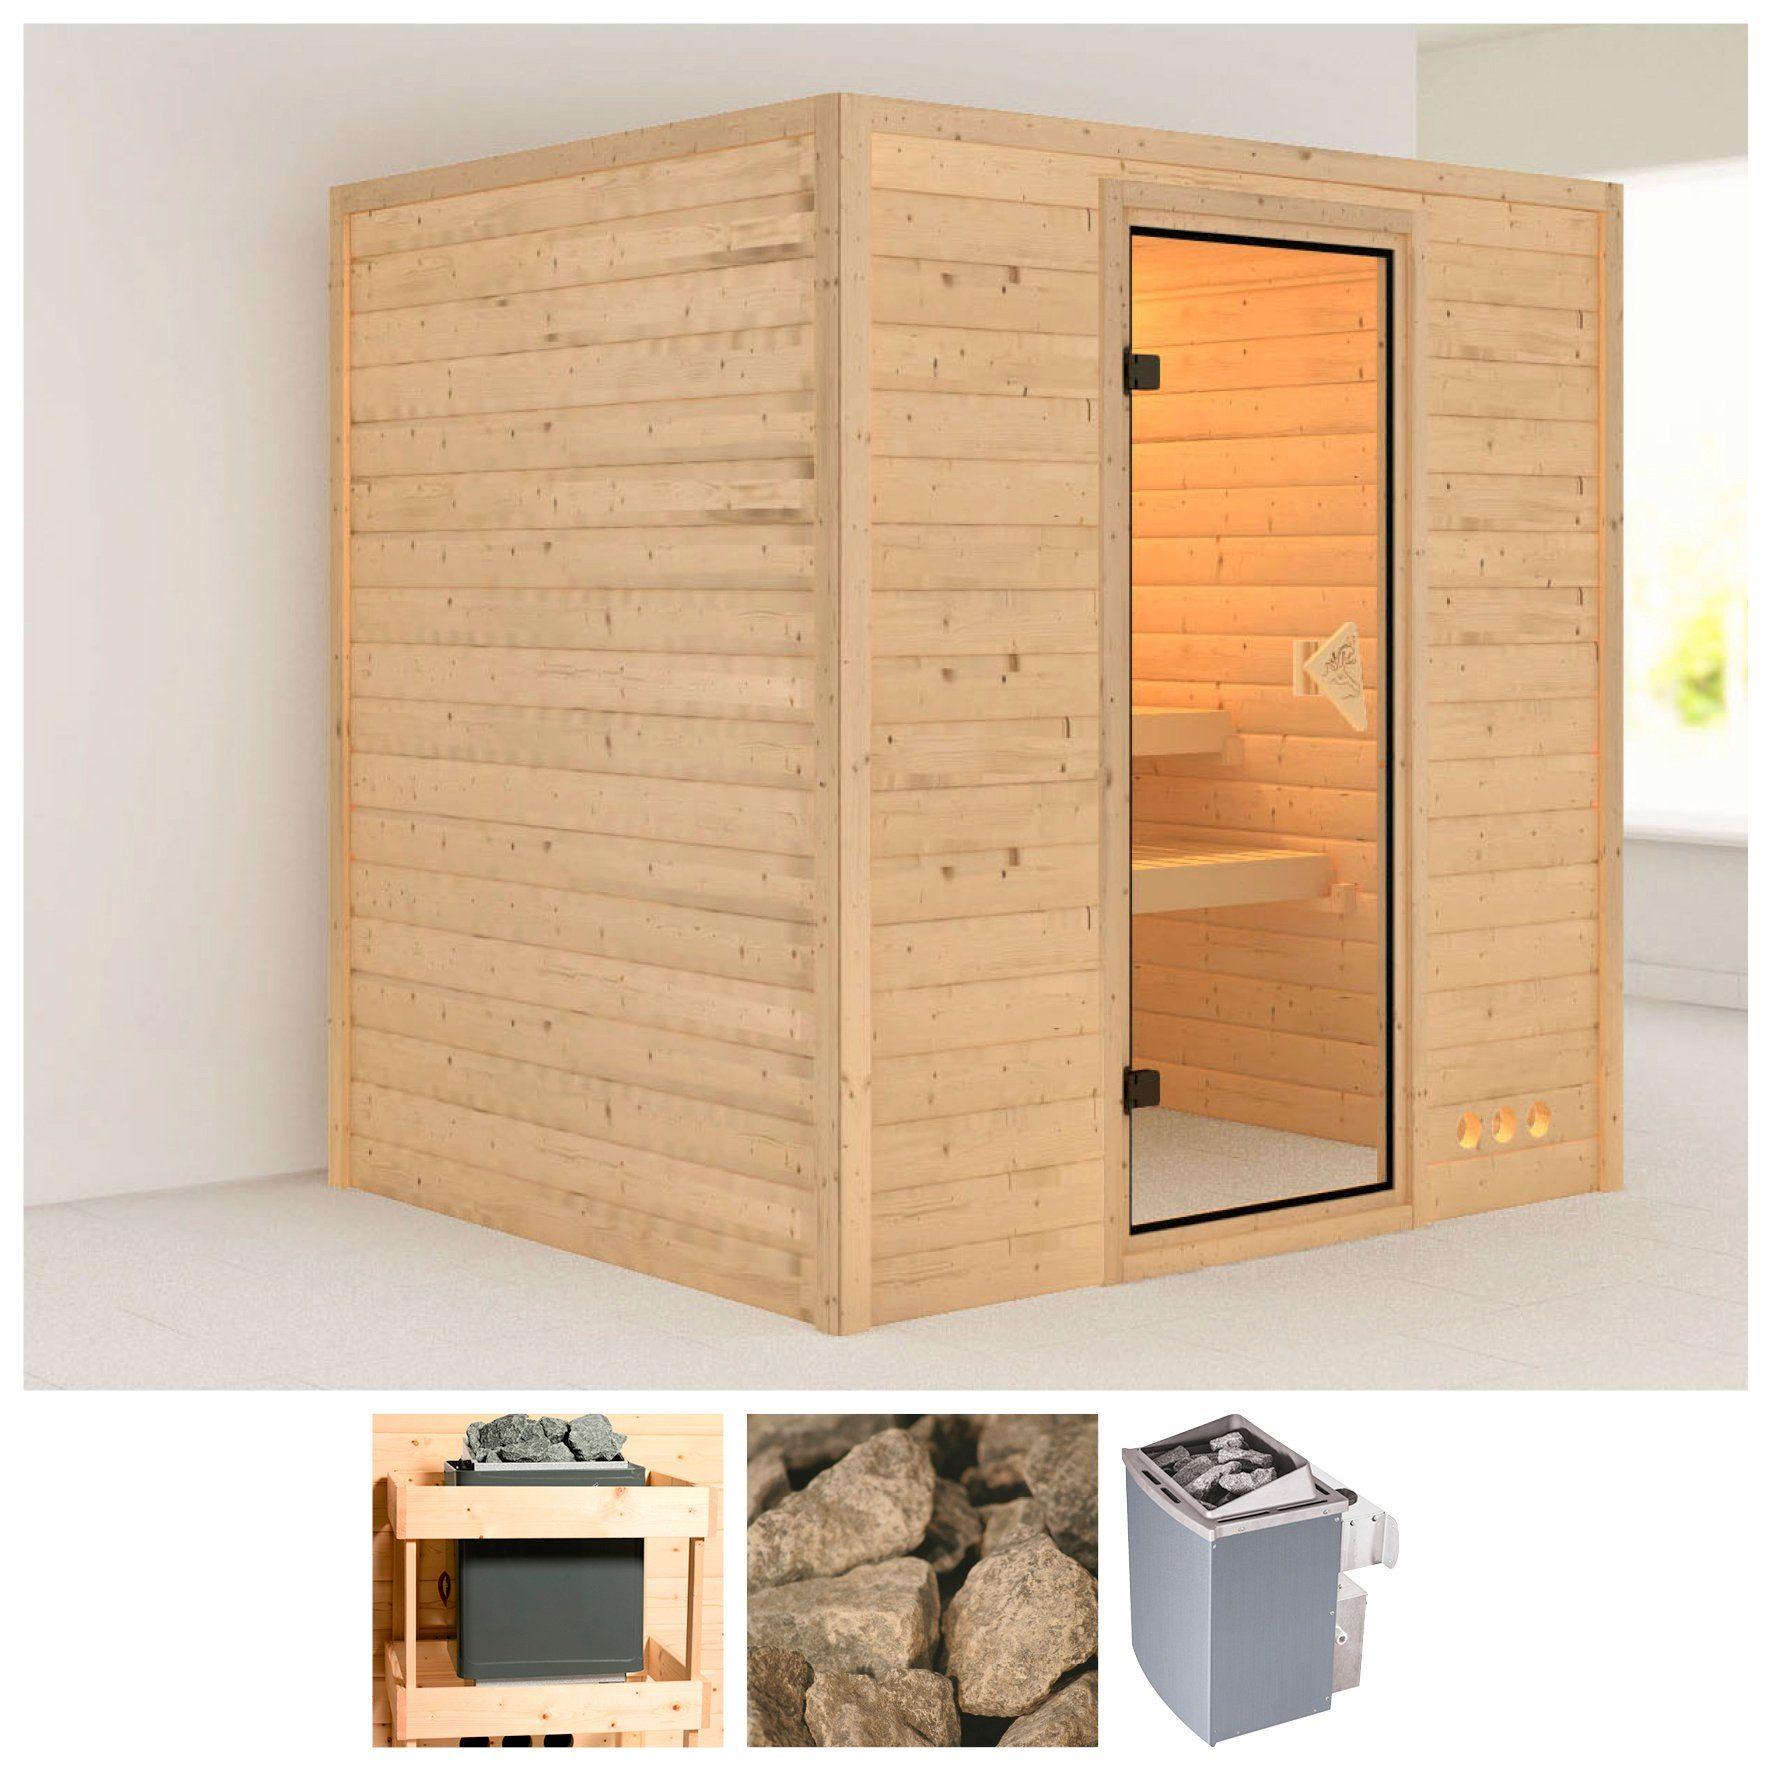 KARIBU Sauna »Anja«, 196/170/200 cm, 38 mm, 9-kW-Ofen mit int. Steuerung